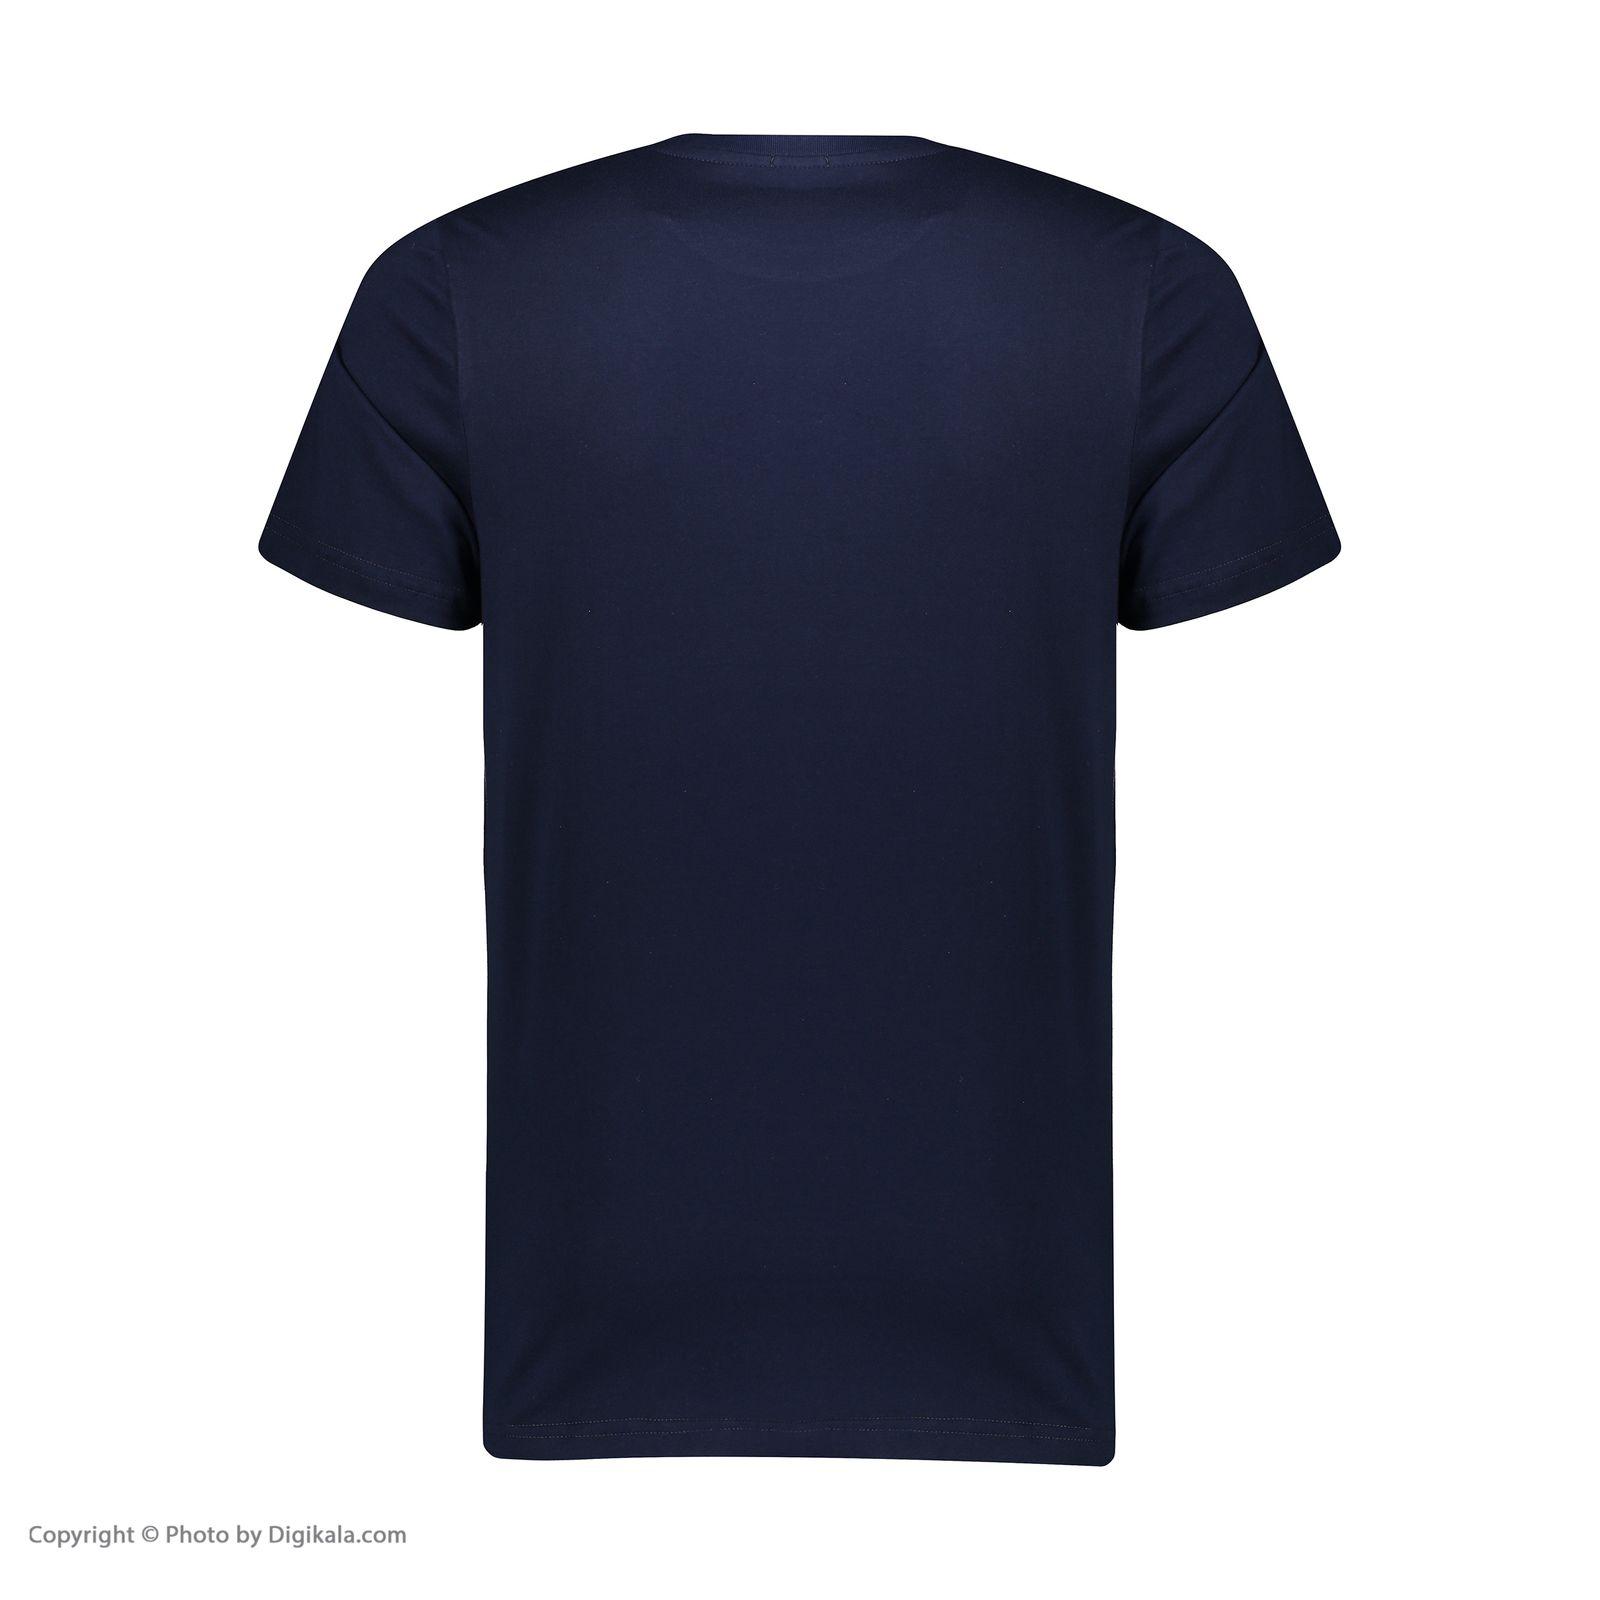 تی شرت مردانه آر ان اس مدل 1131144-59 -  - 3